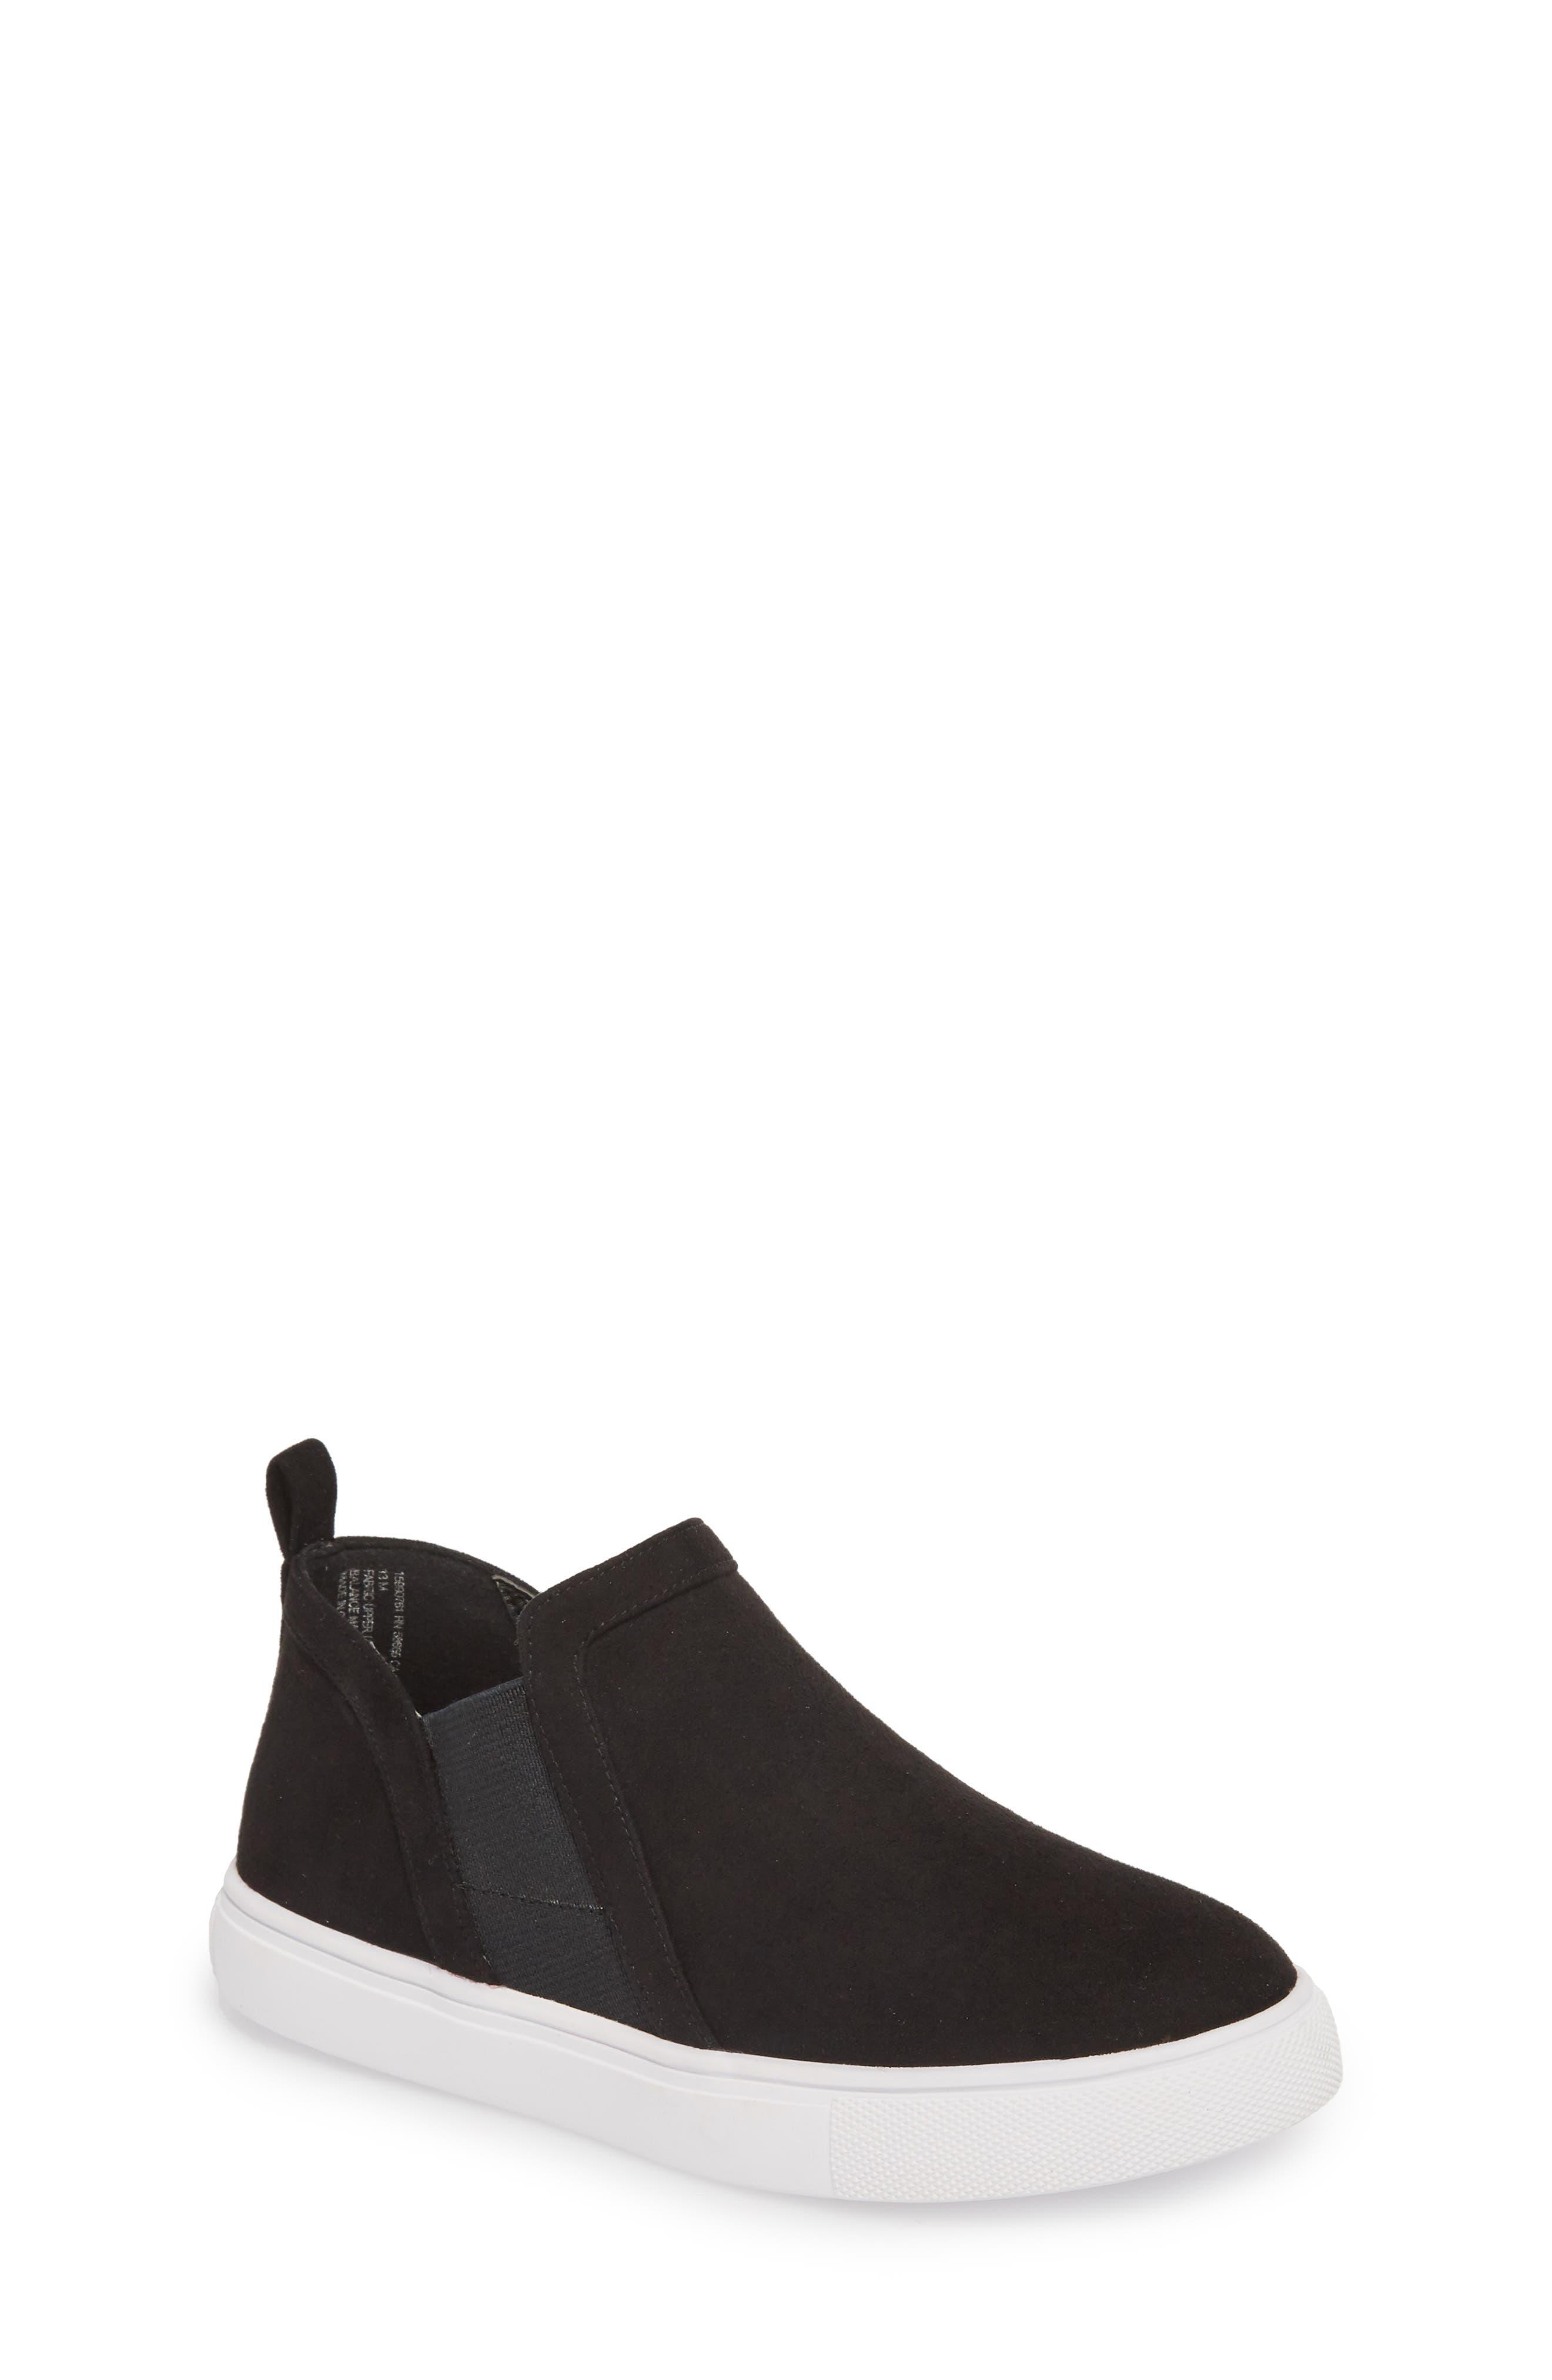 Scarlett Sneaker,                         Main,                         color, BLACK FAUX SUEDE